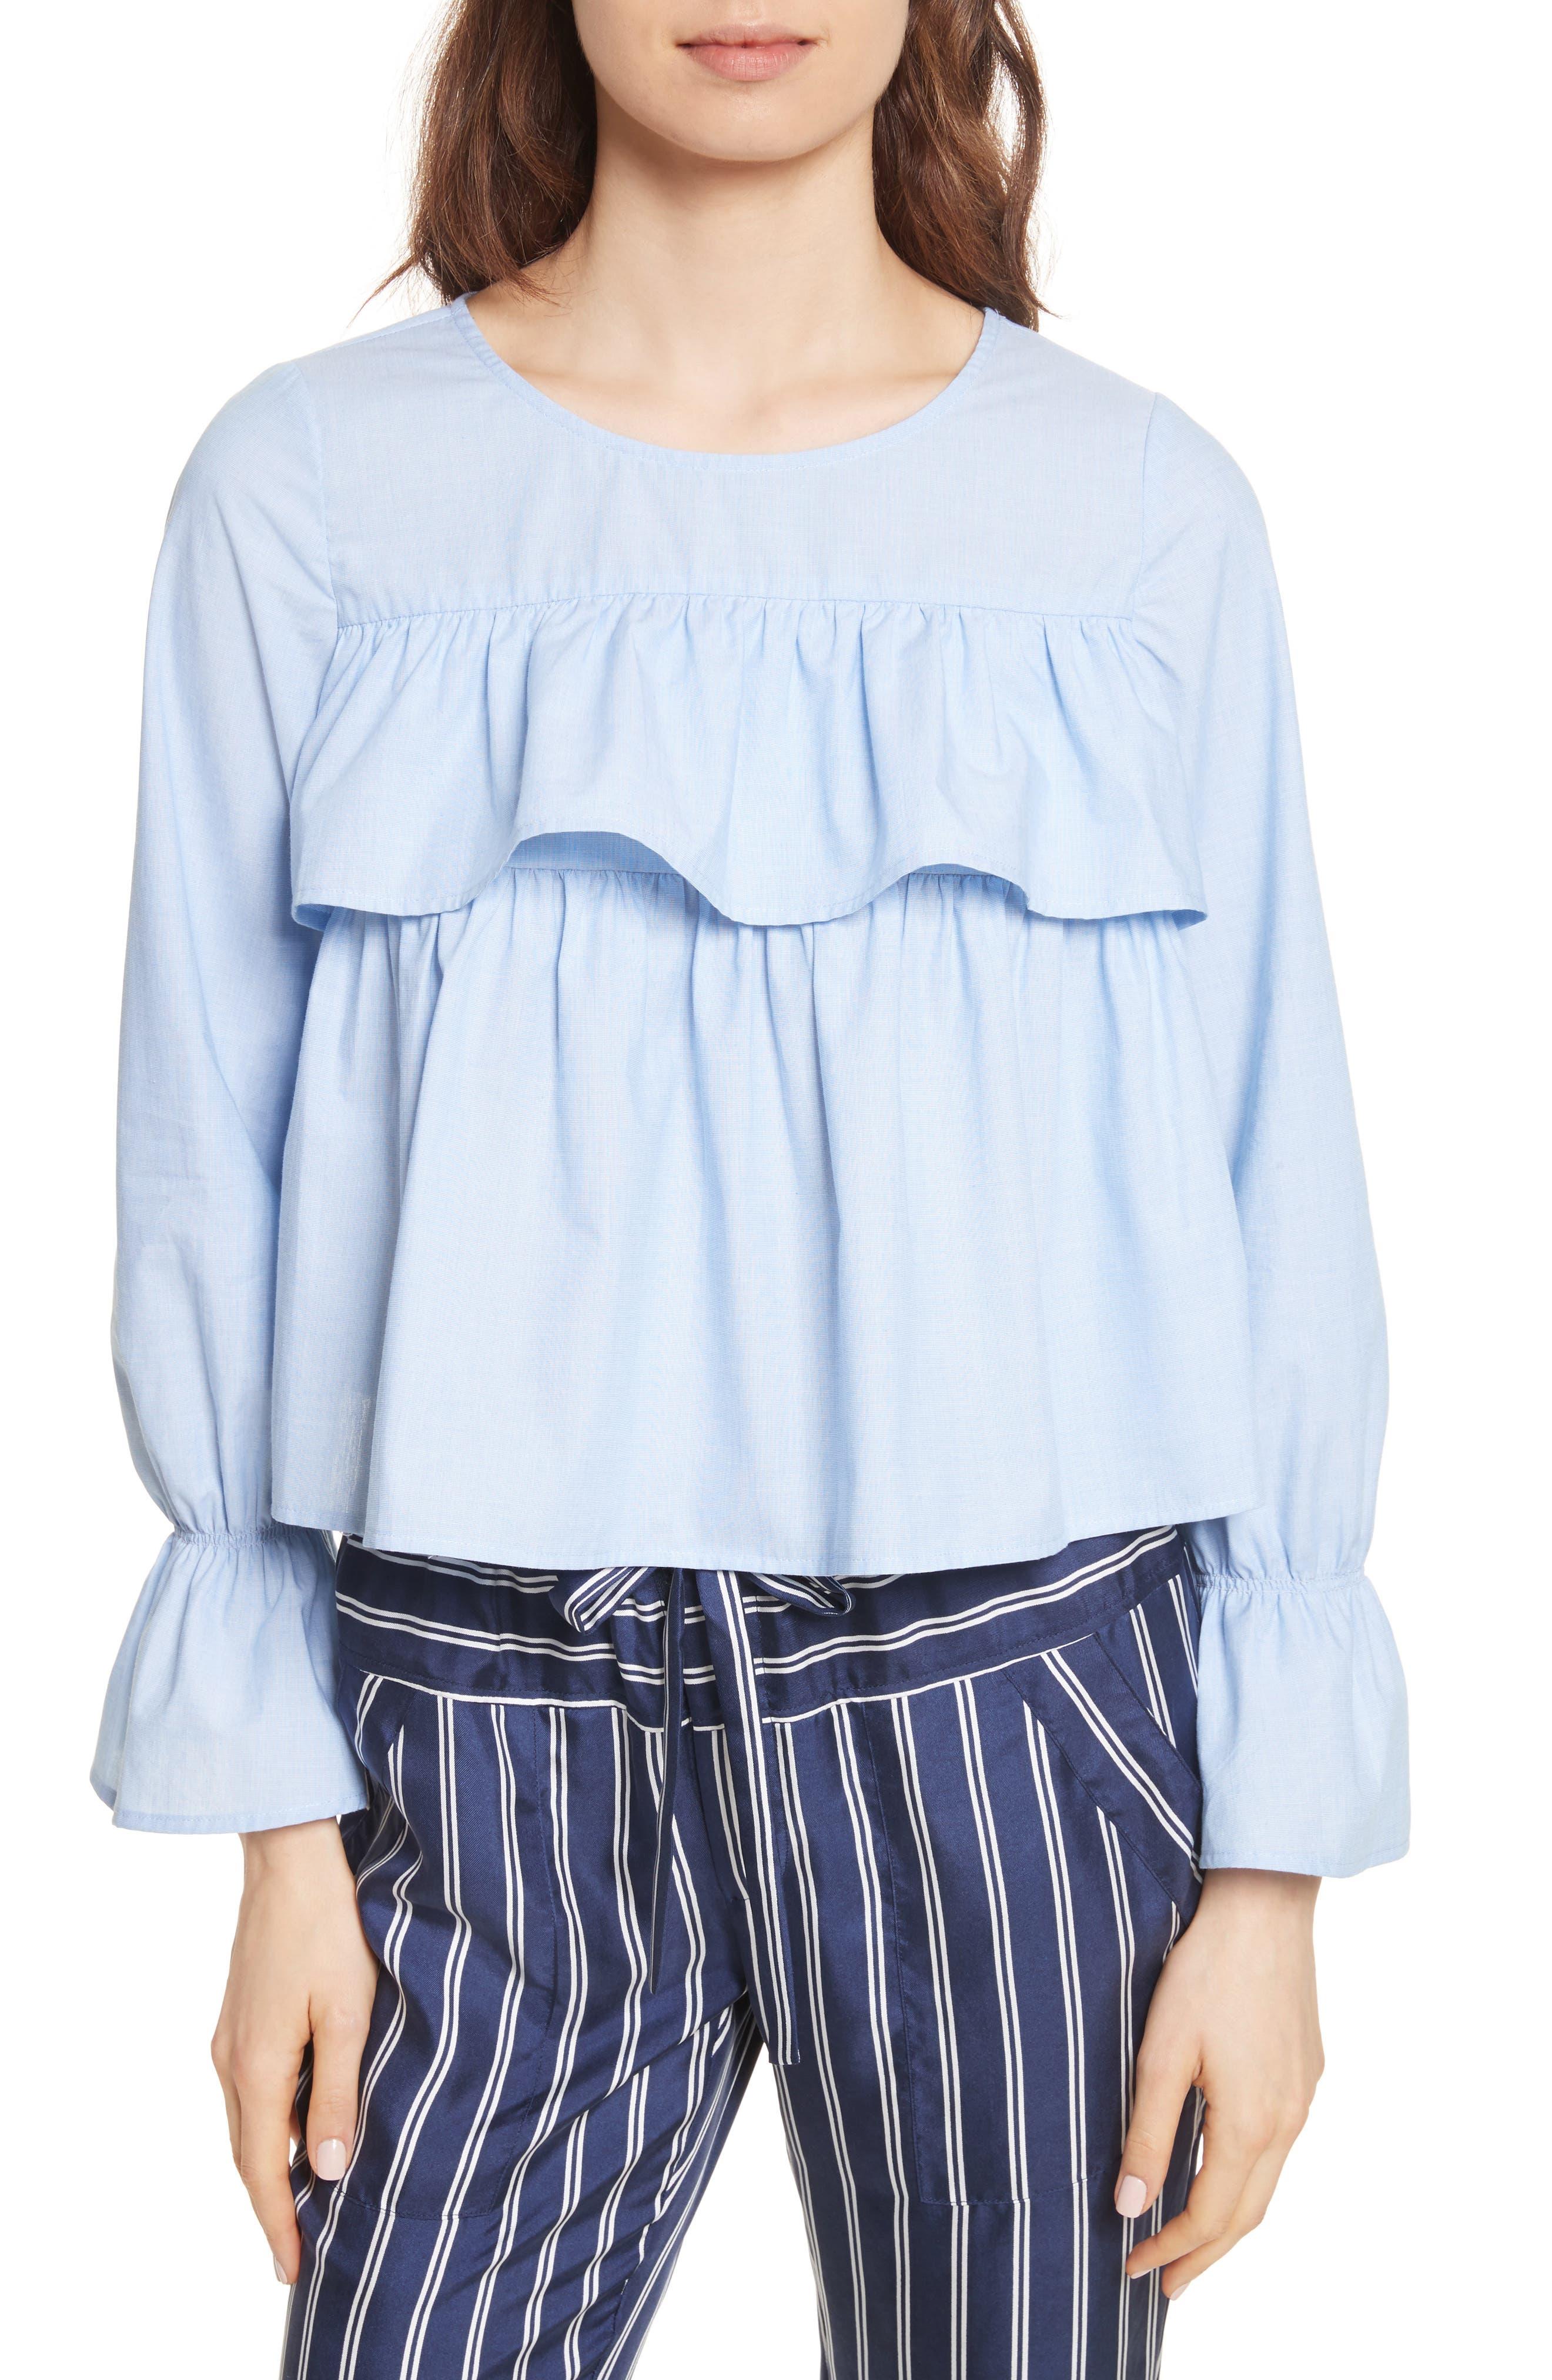 Joie Adotte Cotton Top